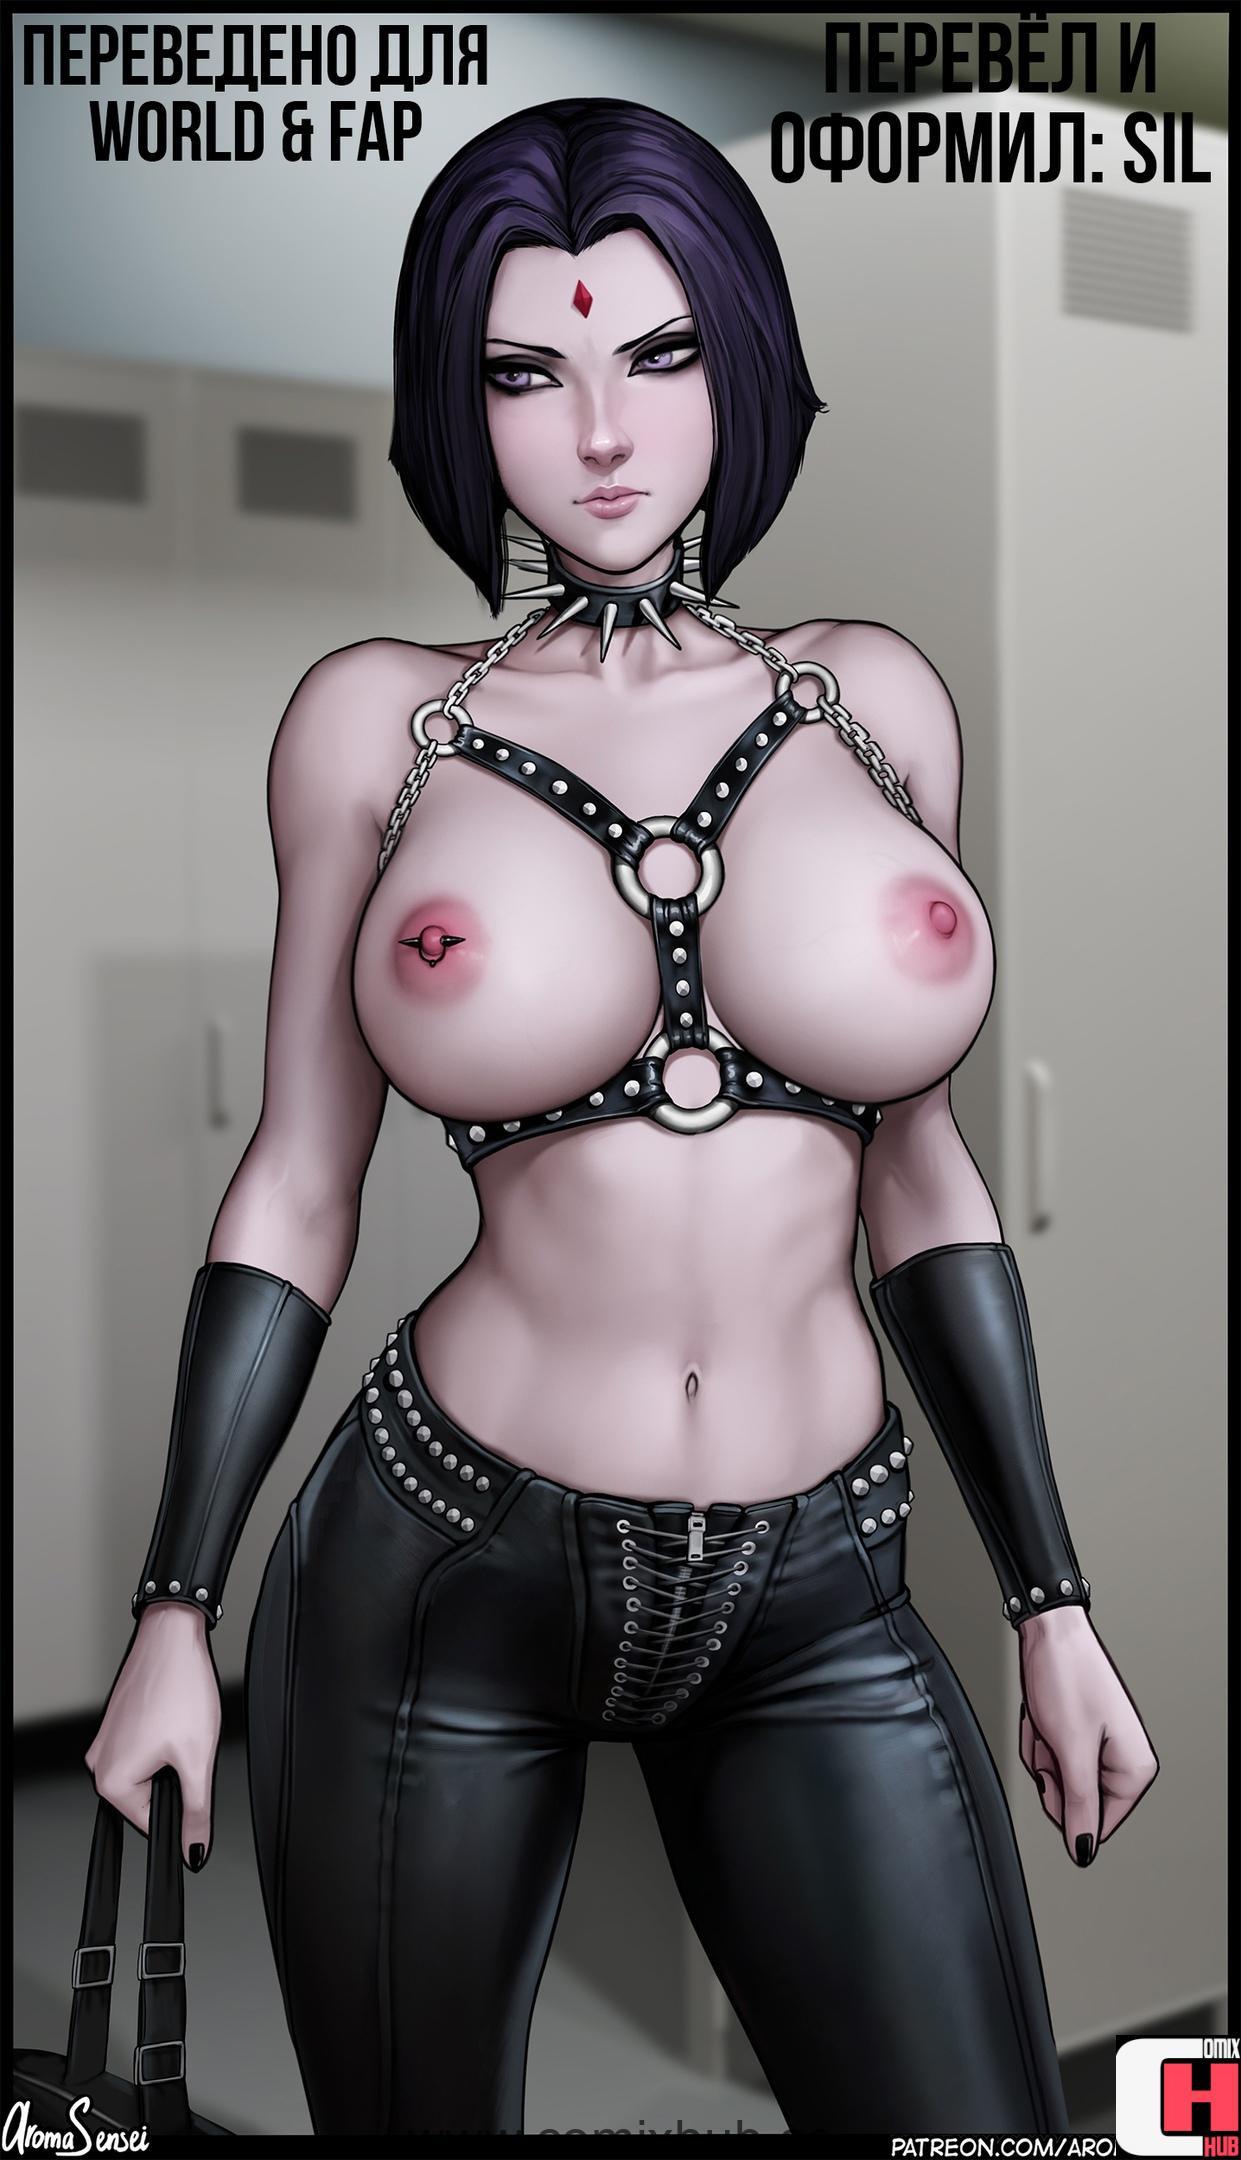 Гачи от Aromasensei Порно комиксы, БДСМ, Большая грудь